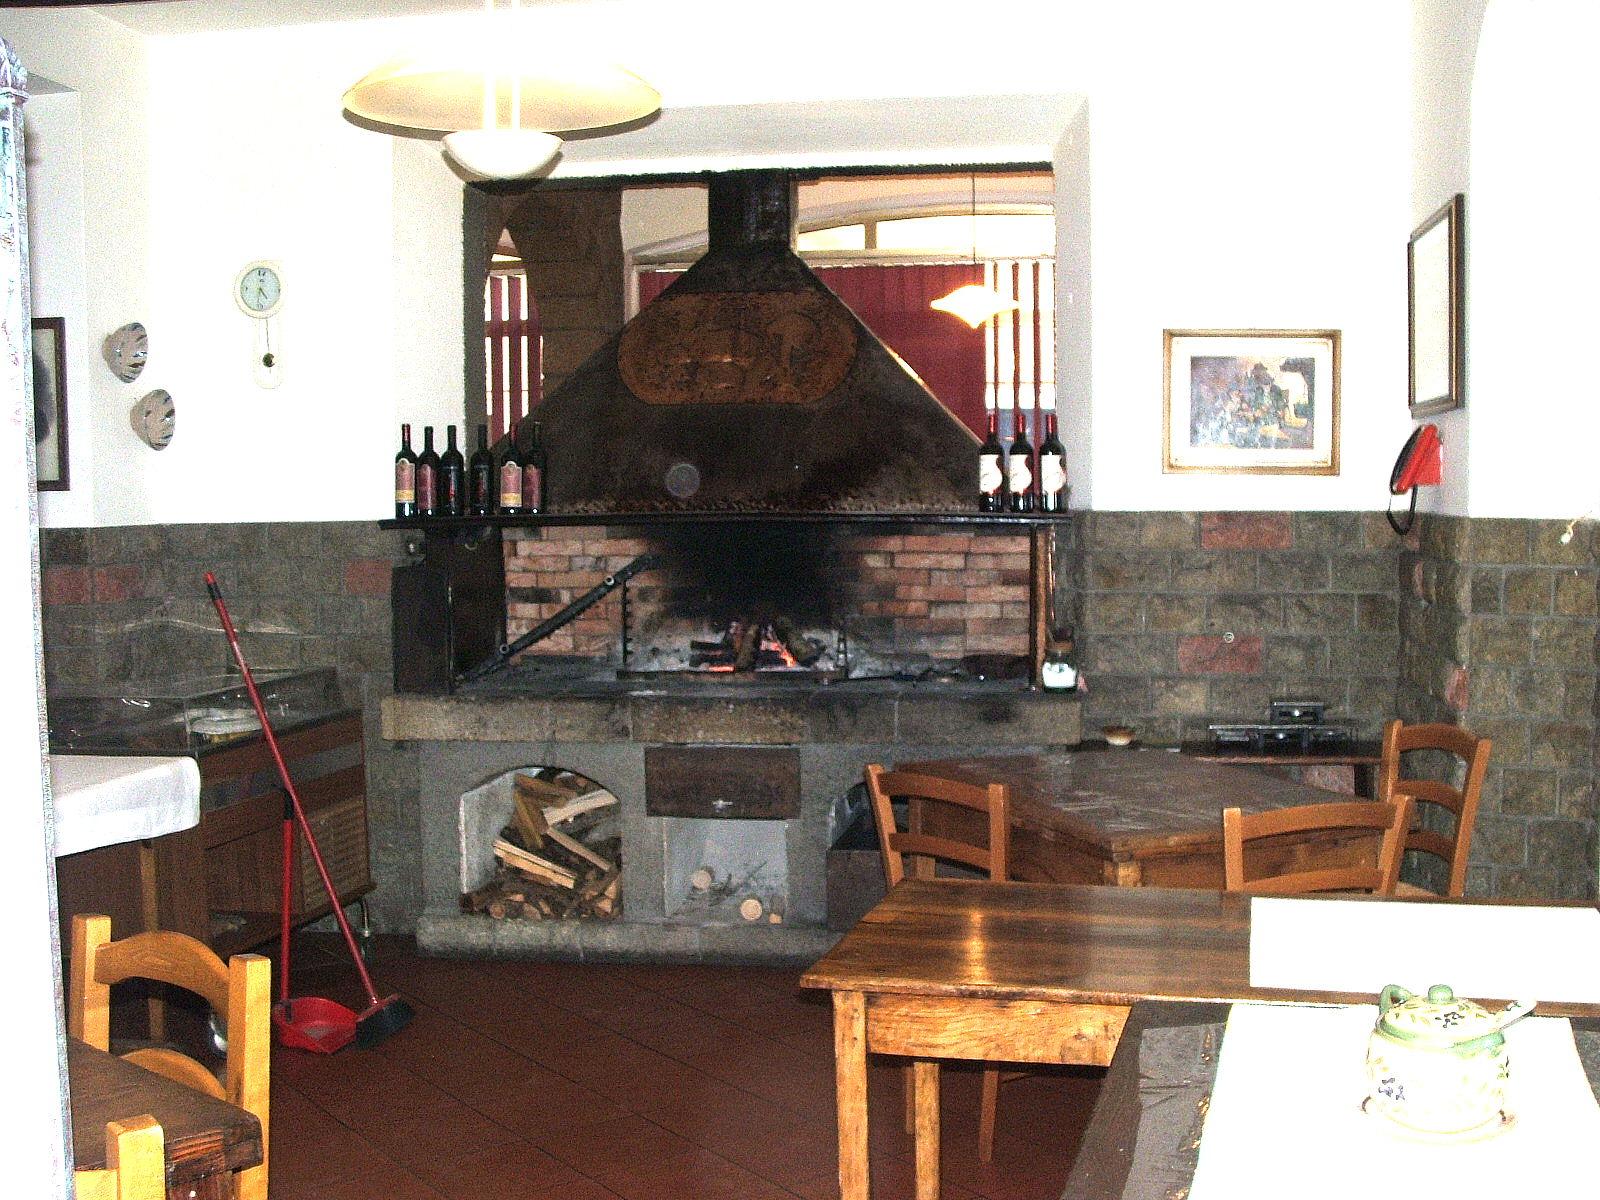 File:Castel del Piano-Cucina con forno a legna.jpg - Wikimedia Commons